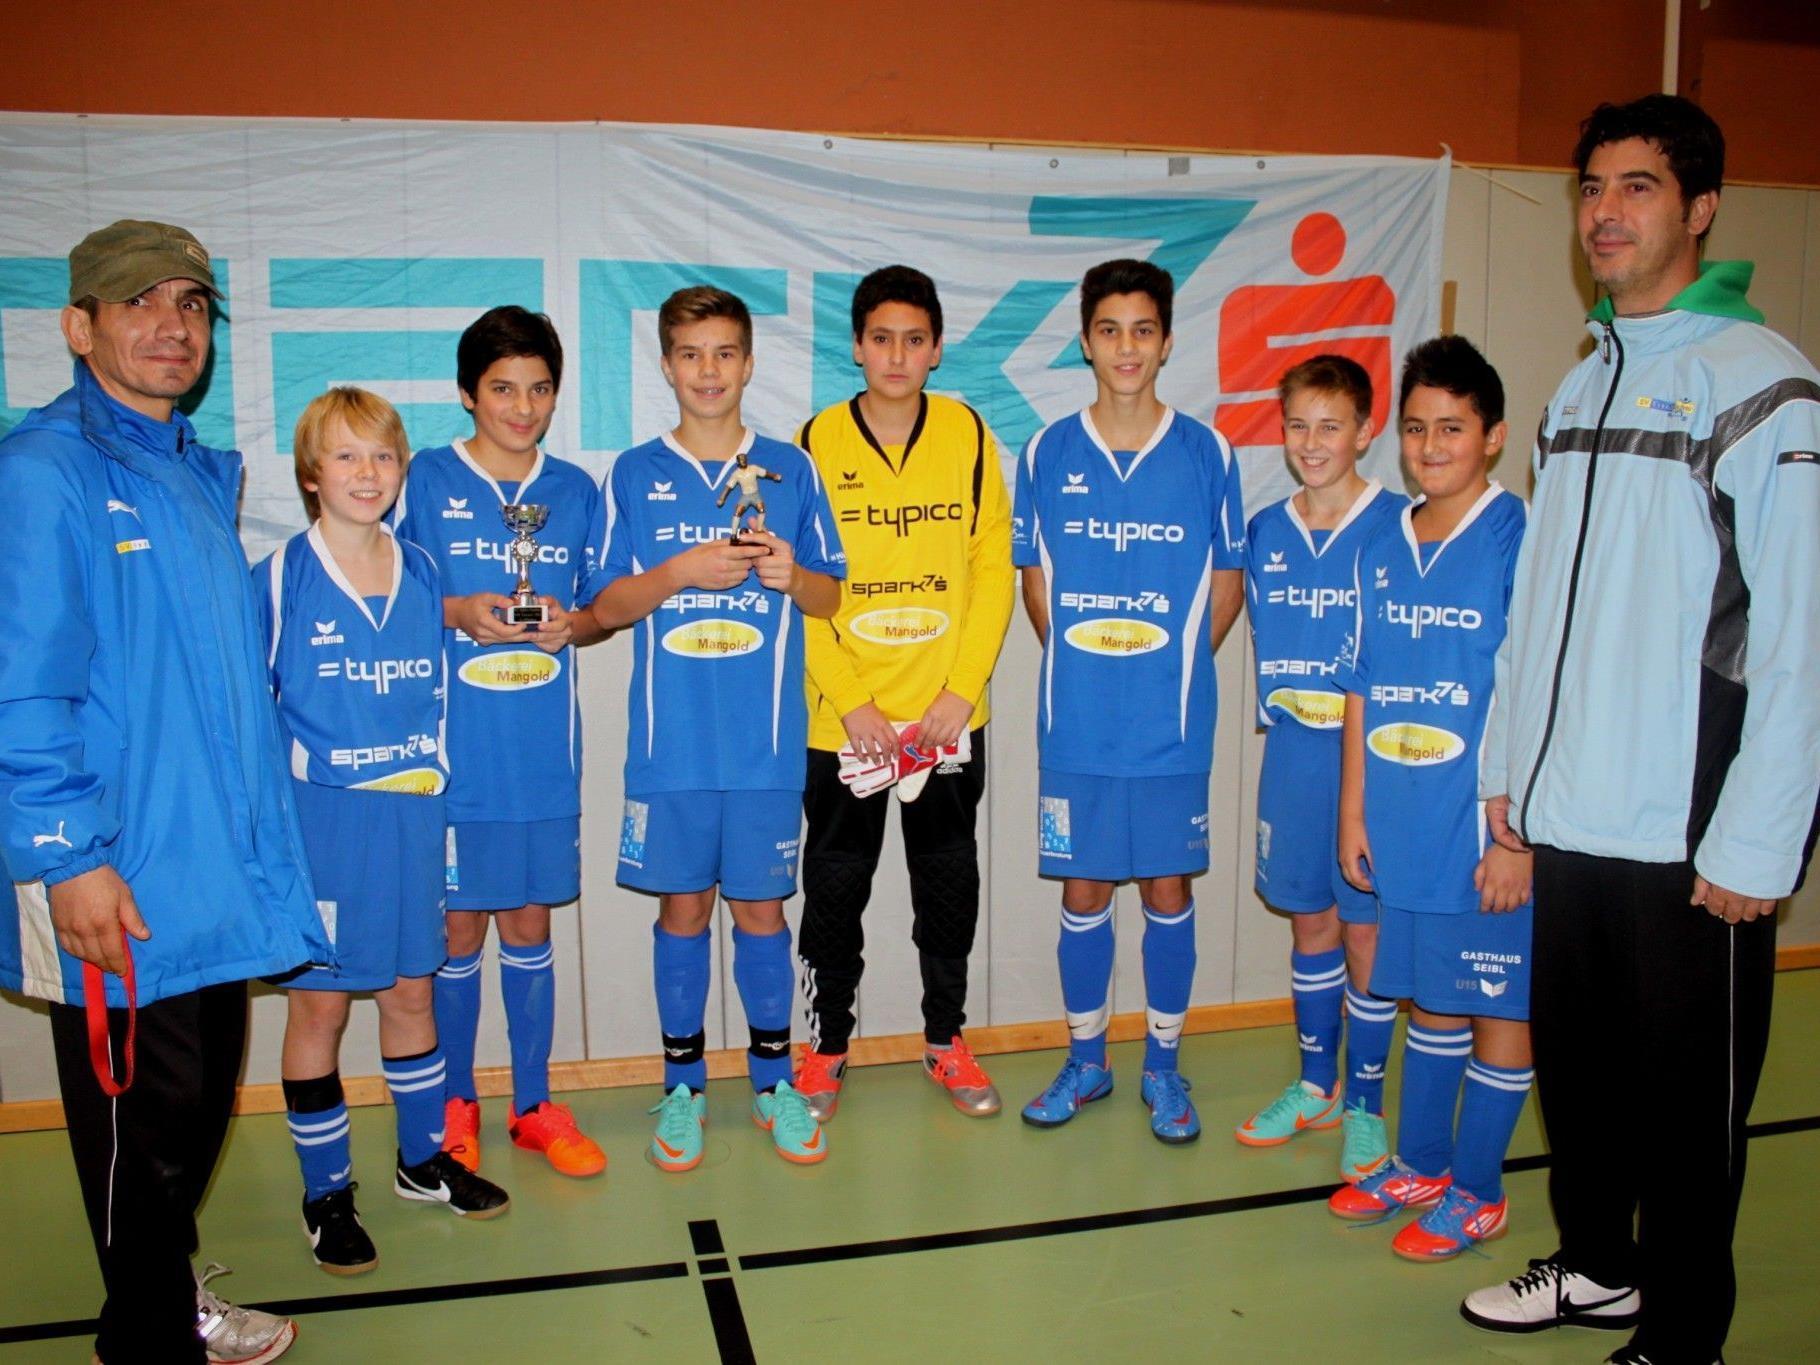 Bei den U 15 Teams erkämpften sich die Jungs vom SV Typico Lochau den ausgezeichneten 2. Platz und feierten mit Niklas Außerlechner auch den besten Torschützen.